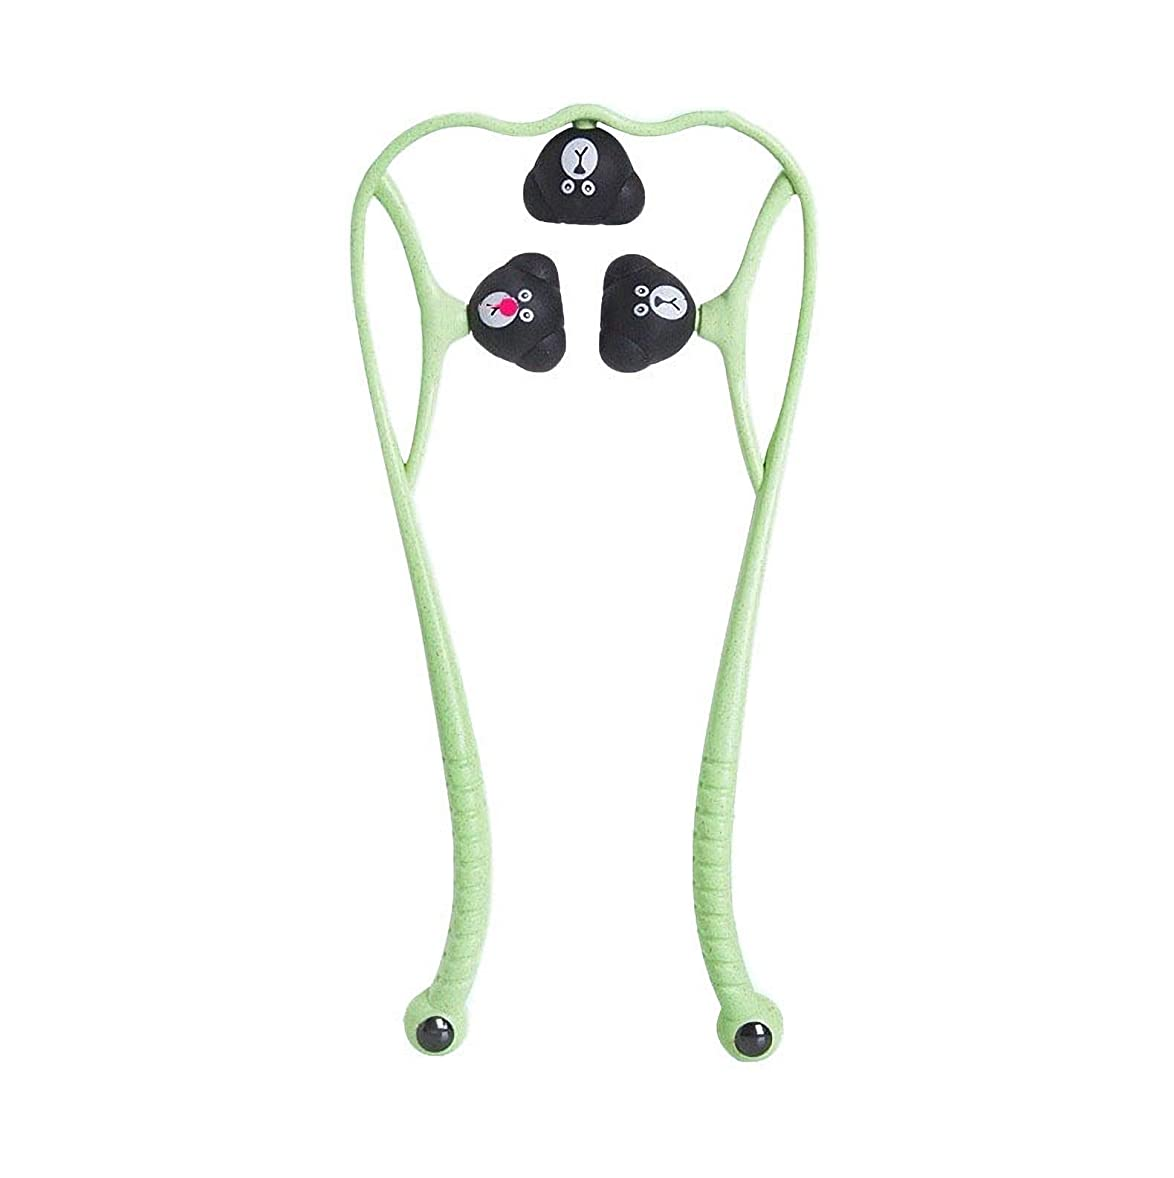 ウィザード著作権に応じて手動頚椎マッサージ器肩頸マッサージボールの痛み解消用品